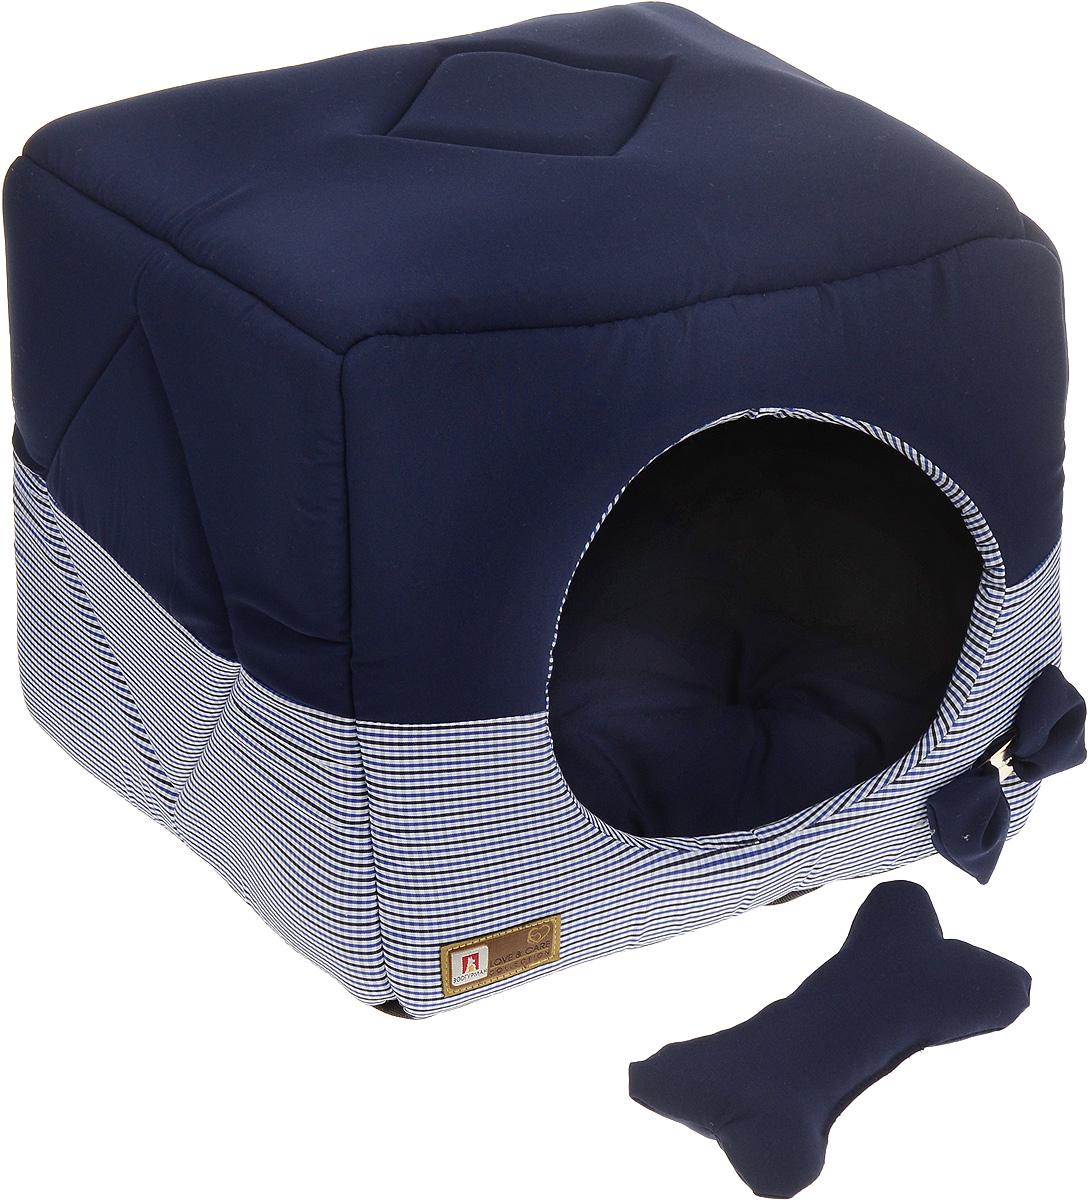 Лежак для собак и кошек Зоогурман Домосед, цвет: темно-синий, белый, 45 х 45 х 45 смLM4140-002mОригинальный и мягкий лежак для кошек и собак Зоогурман Домосед обязательно понравится вашему питомцу. Лежак выполнен из приятного материала. Уникальная конструкция лежака имеет два варианта использования:- лежанка с высокими бортиками и мягкой внутренней подушкой; - закрытый домик с мягкой подушкой внутри.Универсальный лежак-трансформер подарит вашему питомцу ощущение уюта и комфорта.В комплекте со съемной подушкой мягкая игрушка косточка.За изделием легко ухаживать, можно стирать вручную или в стиральной машине при температуре 40°С. Наполнитель: гипоаллергенное синтетическое волокно. Наполнитель матрасика: шерсть.Размер домика: 45 х 45 х 45 см.Размер лежанки: 45 х 45 х 20 см.